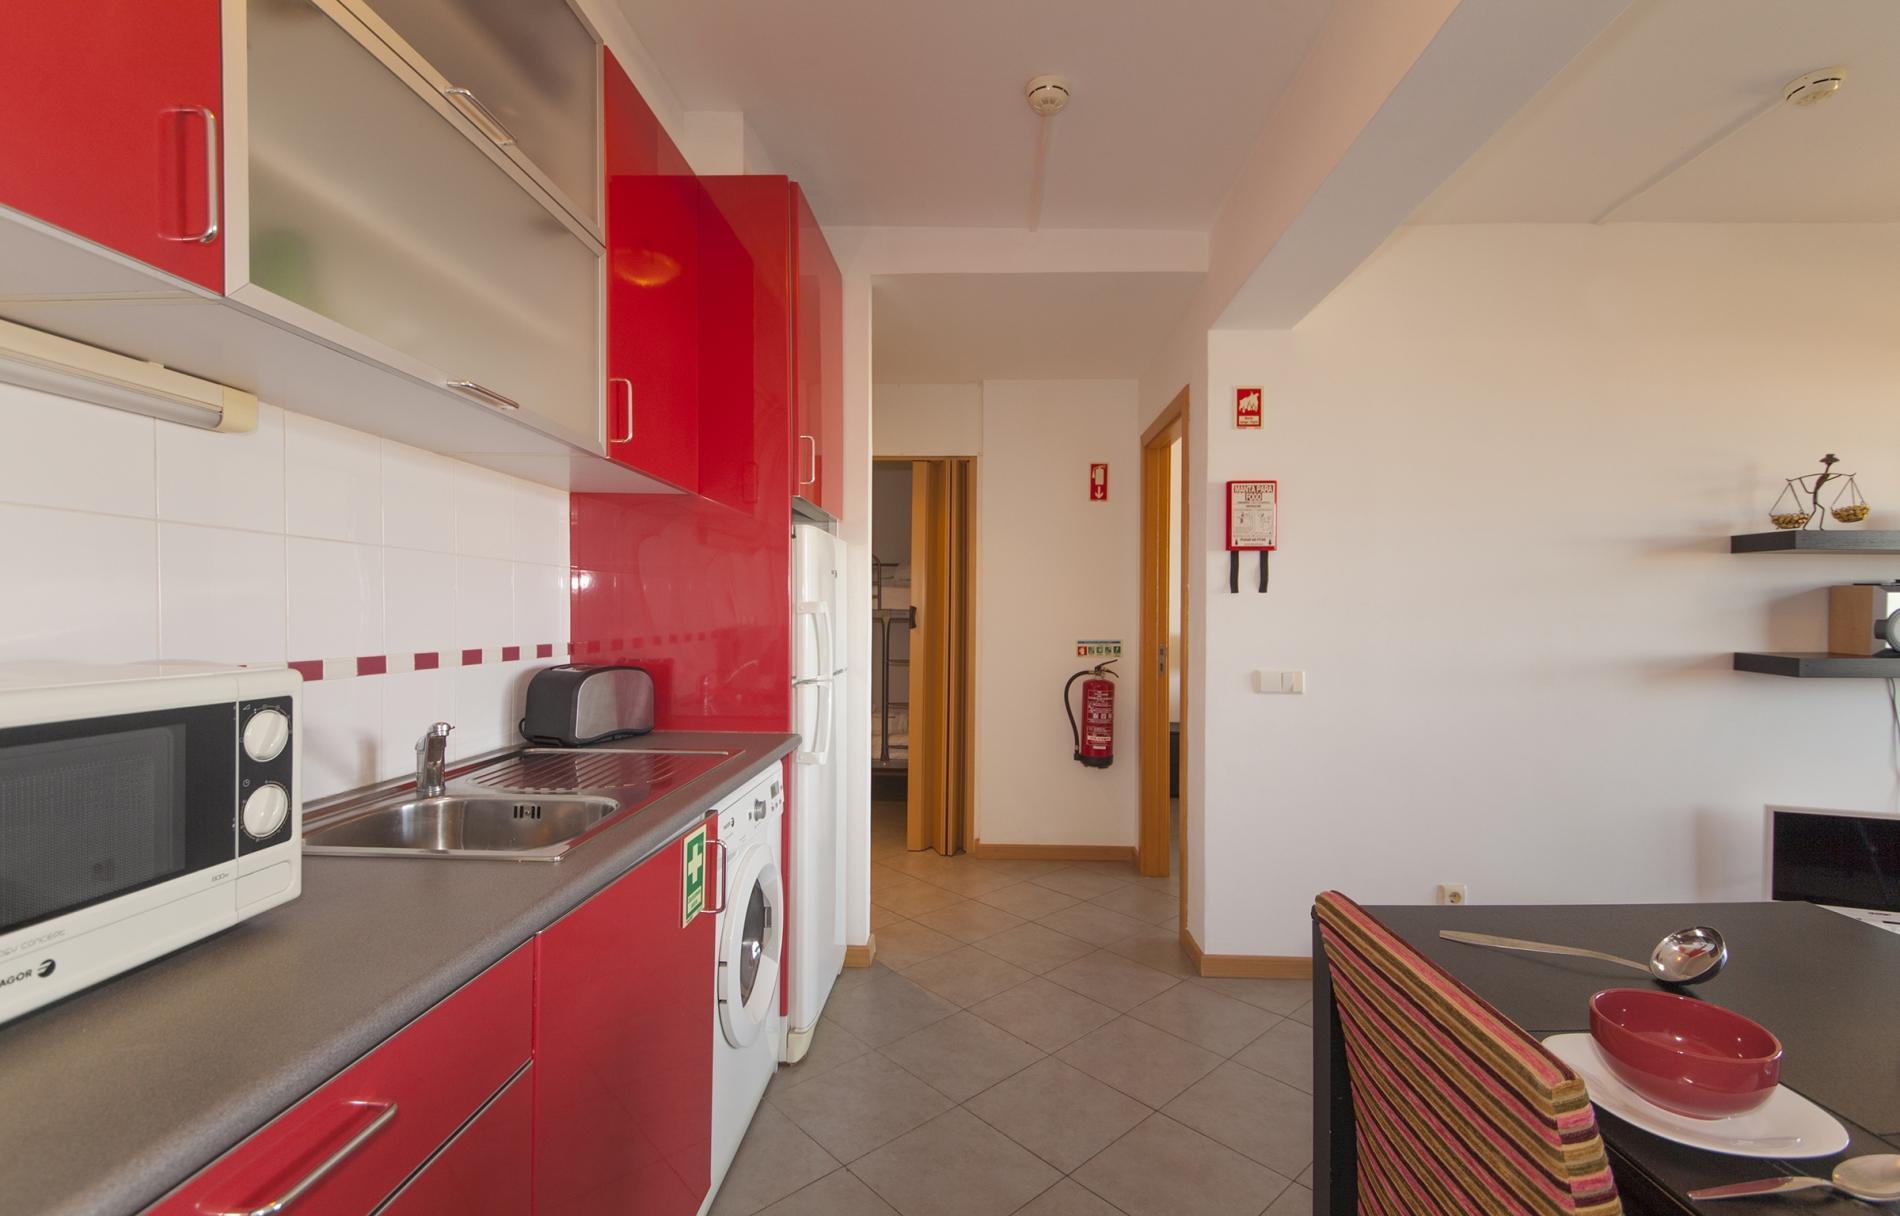 B42 - Oceano Atlantico Apartment photo 22522471